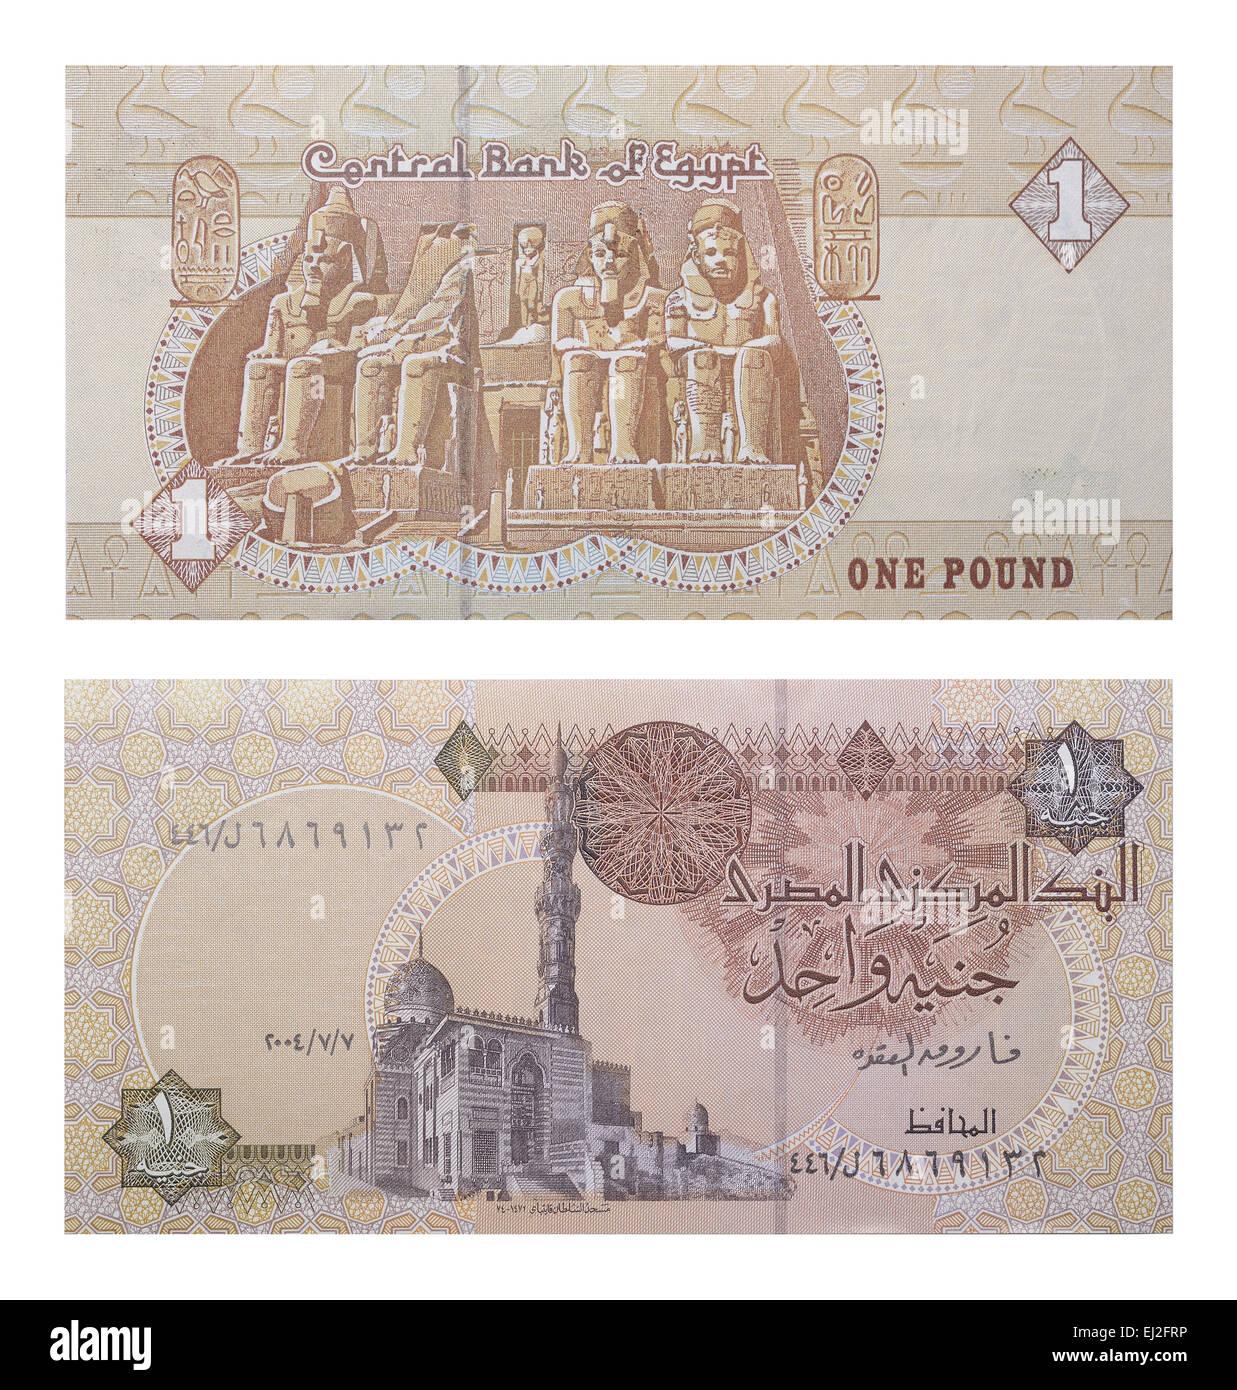 Banknotes 1 egyptian pound stock photo royalty free image 79961610 banknotes 1 egyptian pound biocorpaavc Images